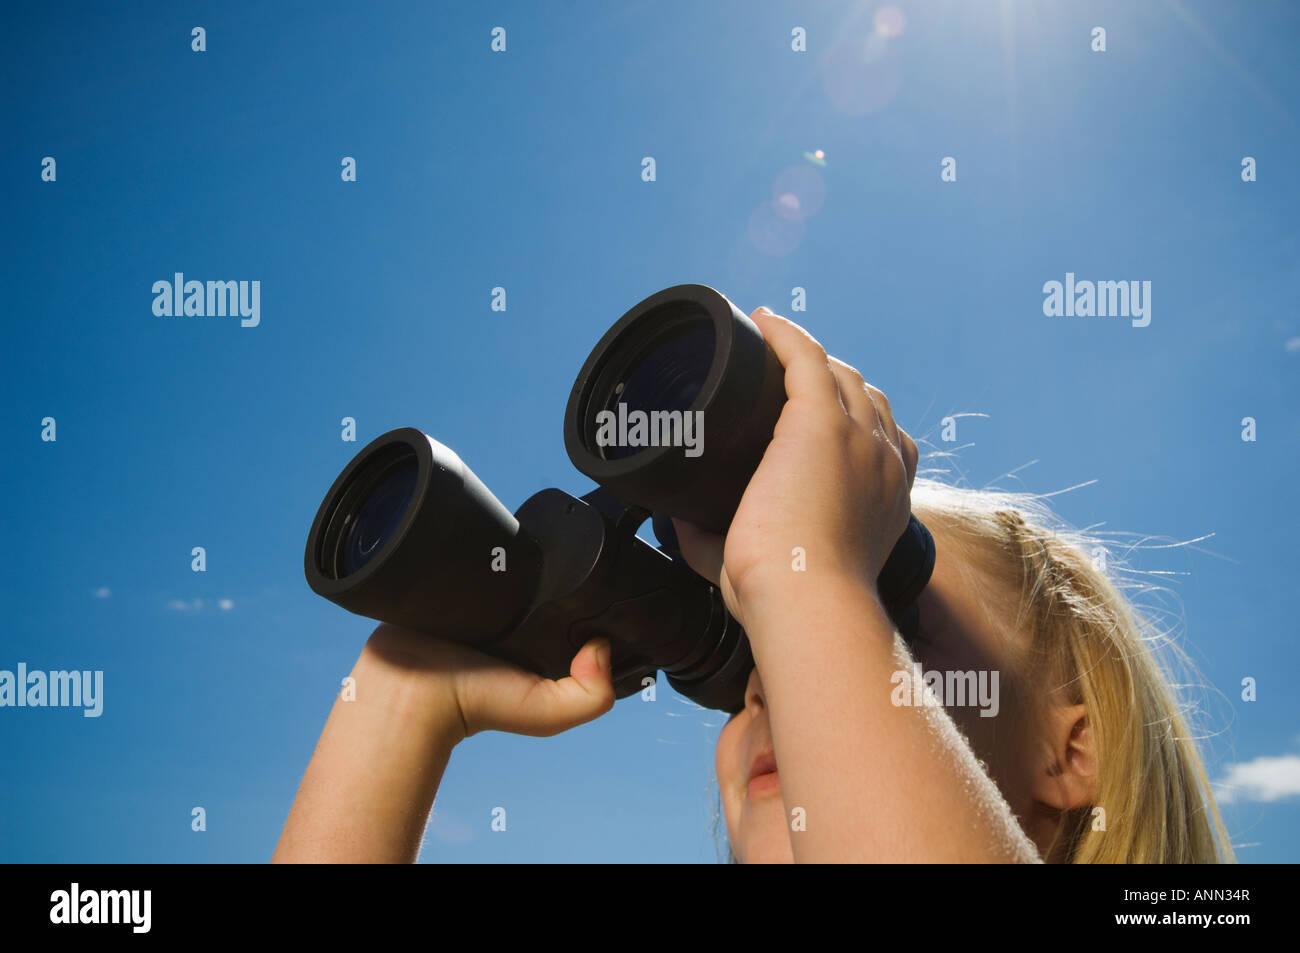 Girl looking through binoculars, Utah, United States - Stock Image